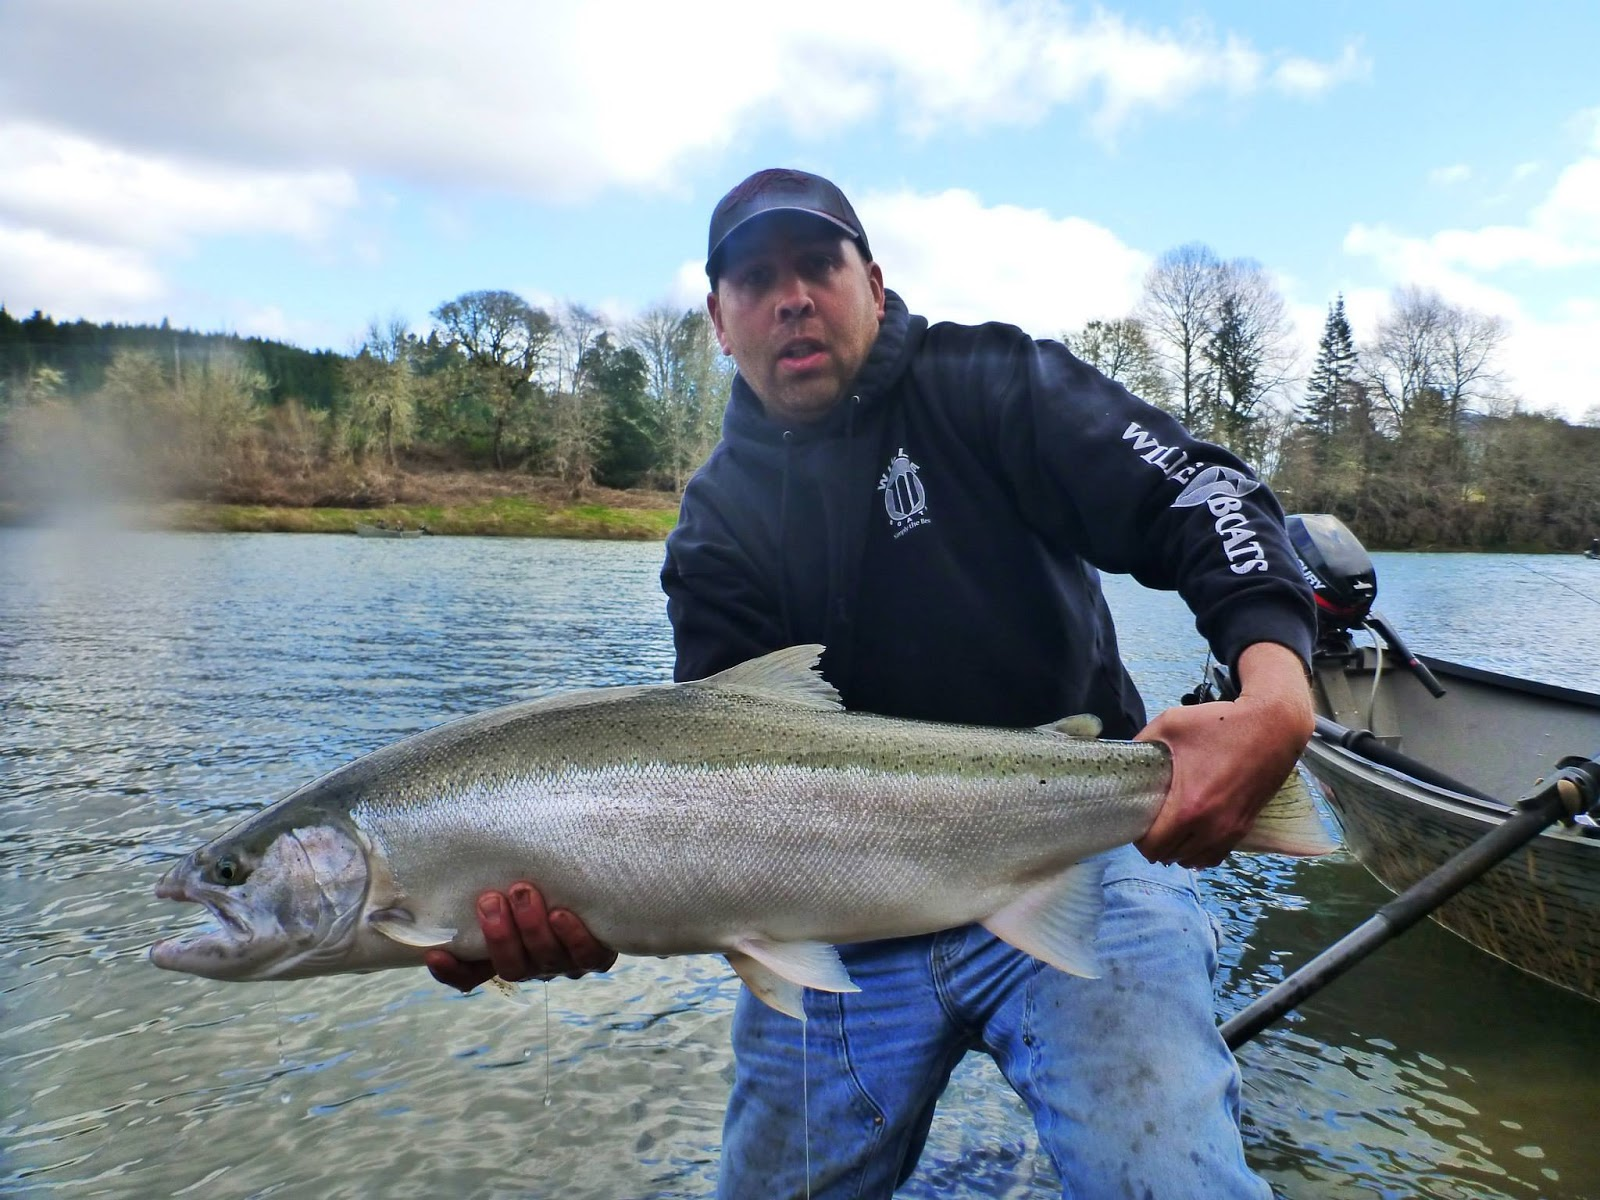 Umpqua fishing guide for Salmon fishing season oregon